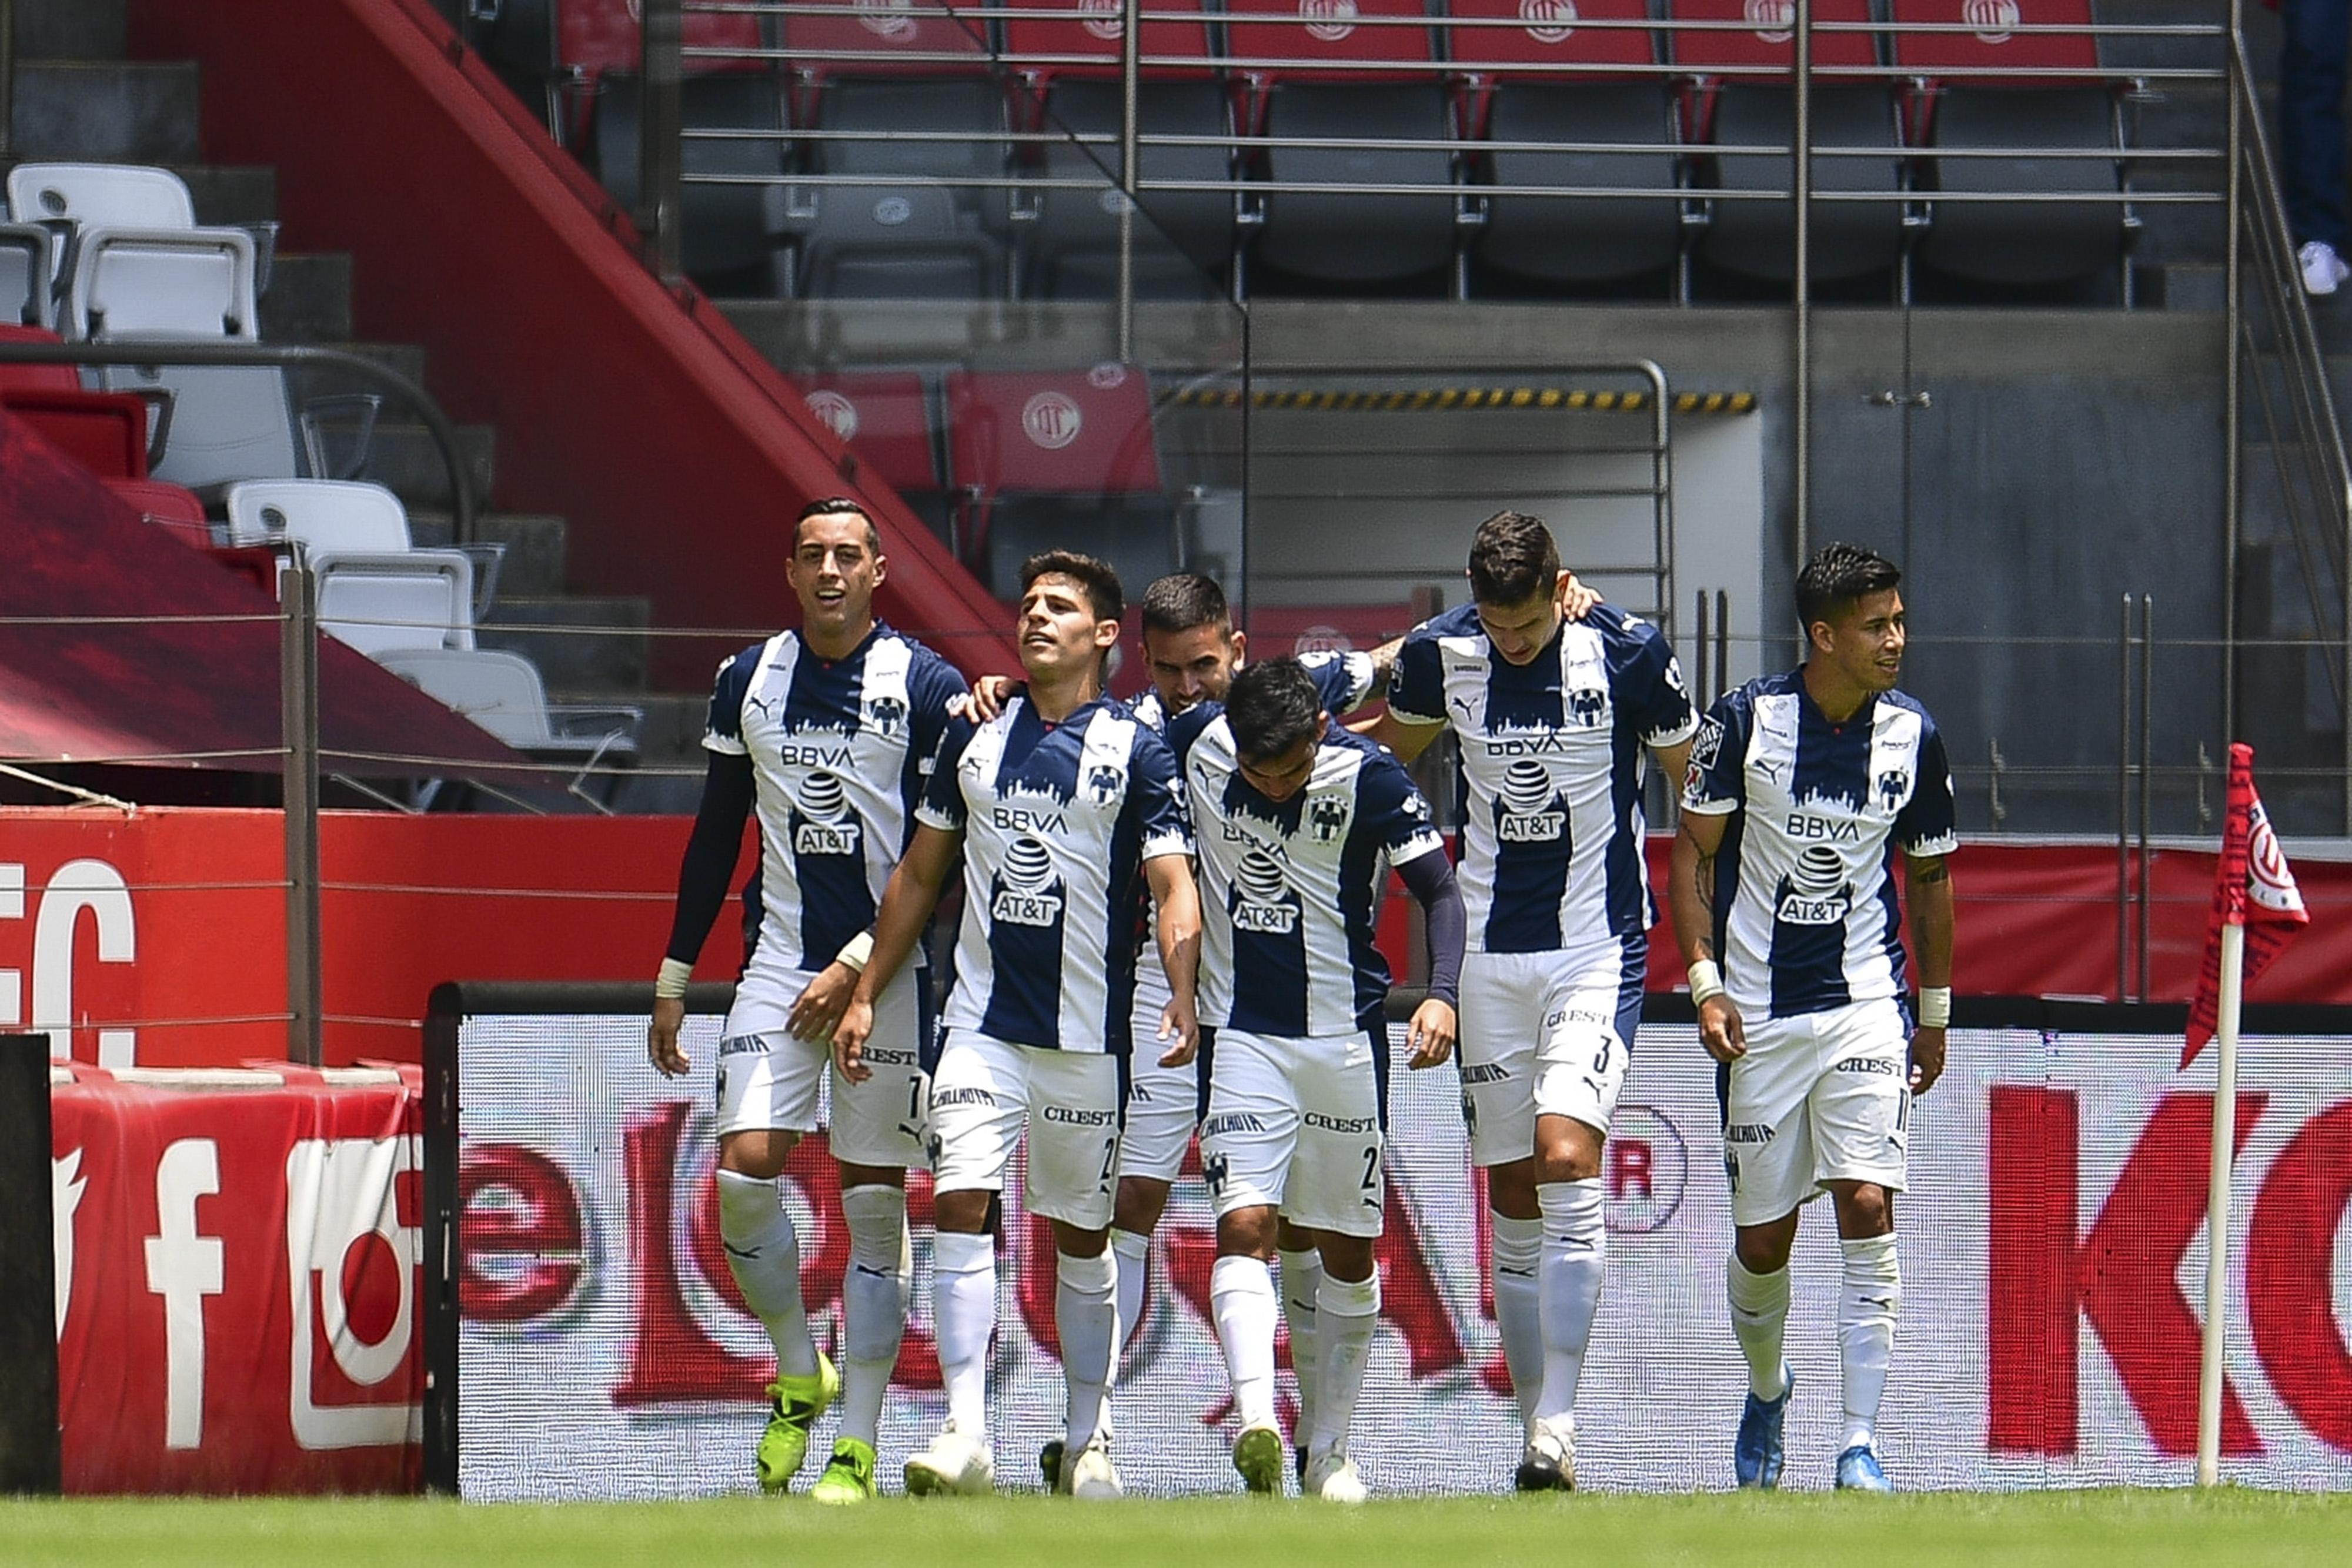 Monterrey se afianza en los primeros lugares con triunfo ante Toluca; llega a 25 puntos